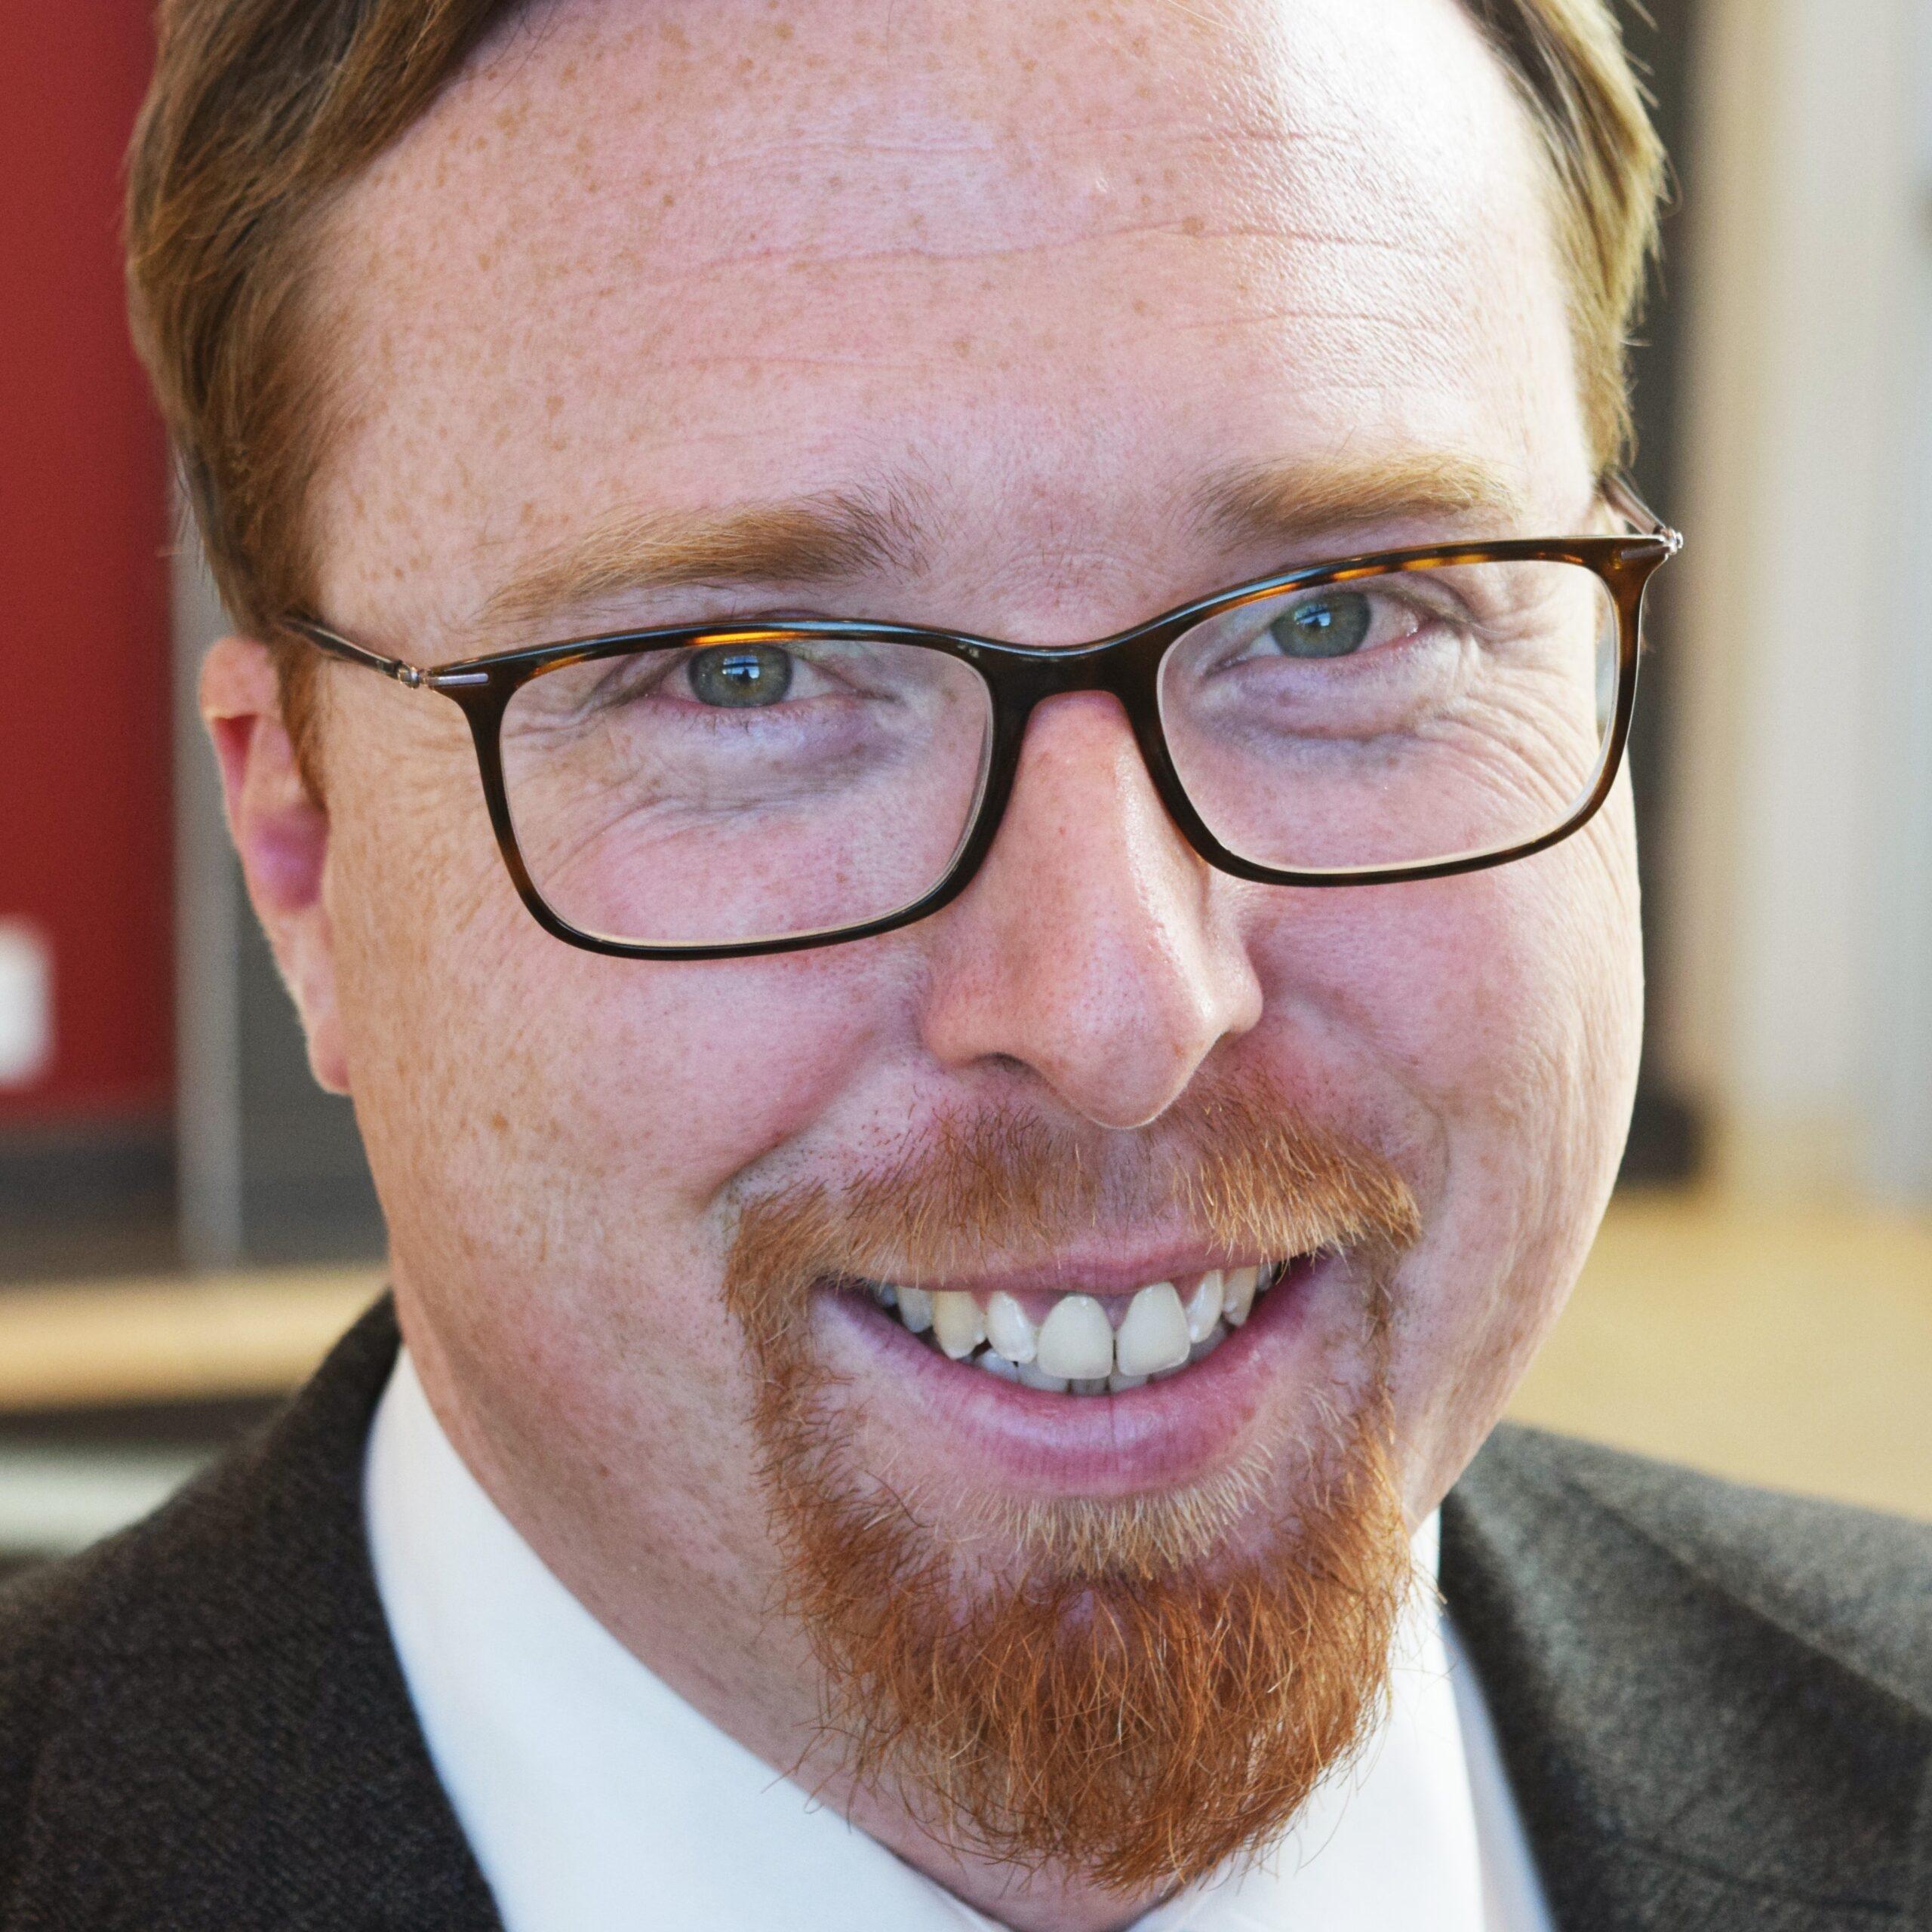 Scott McRae